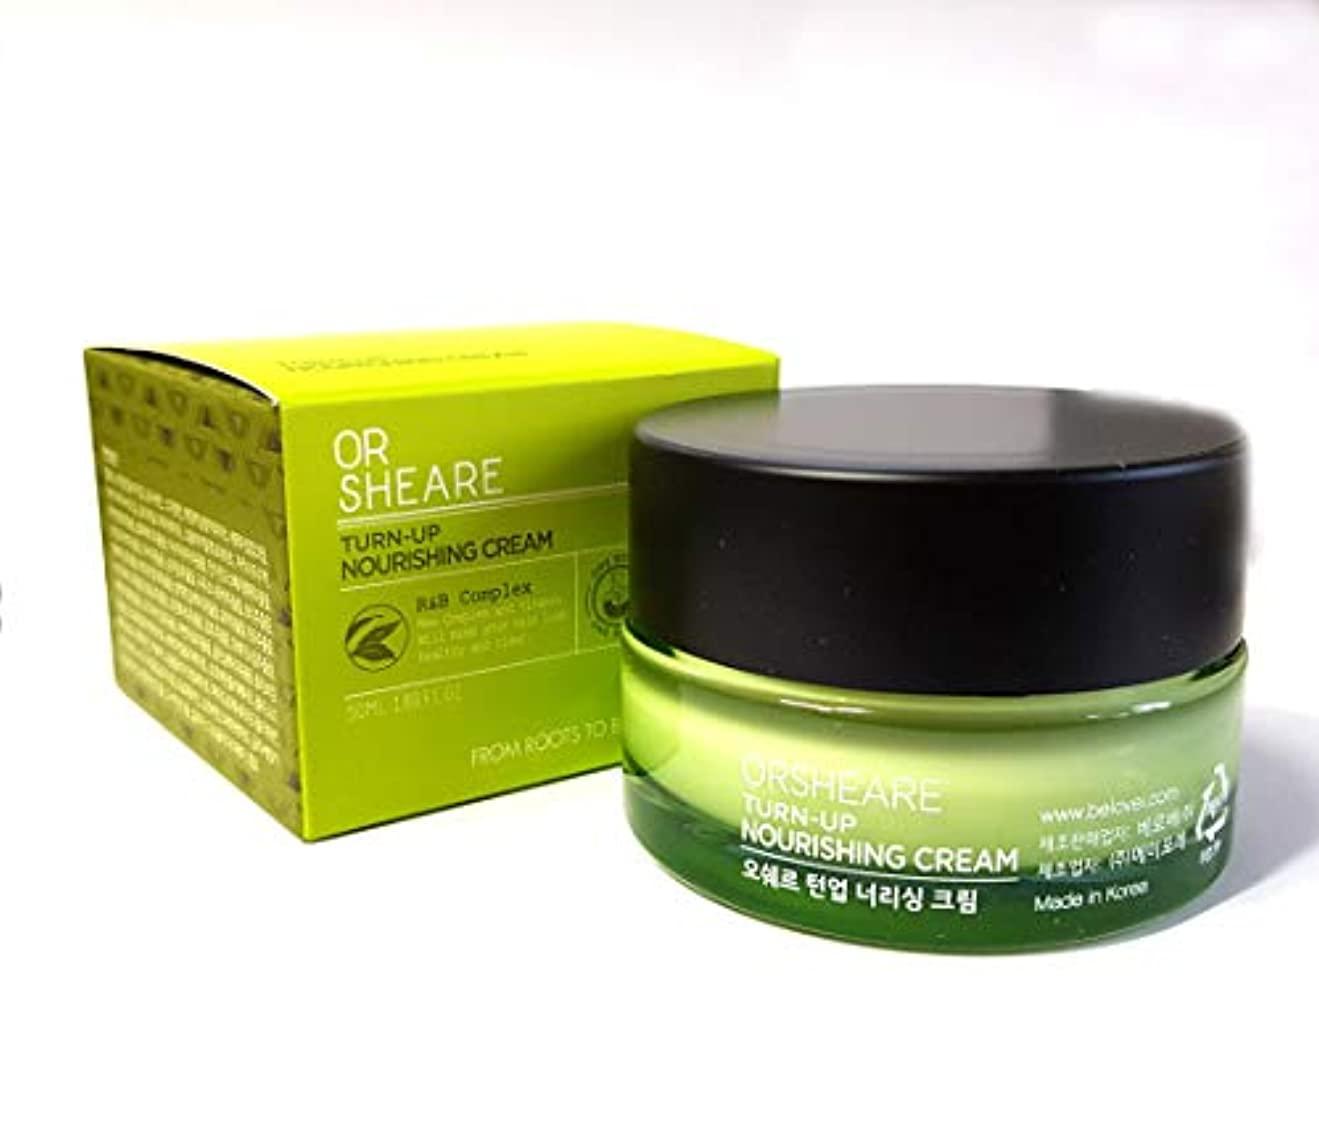 のホスト経済的カウントアップ[OR SHEARE] トンオプ栄養クリーム50ml / Turn-up Nourishing Cream 50ml / 保湿、再生/Moisturizing,Revitalizing/韓国化粧品/Korean Cosmetics...